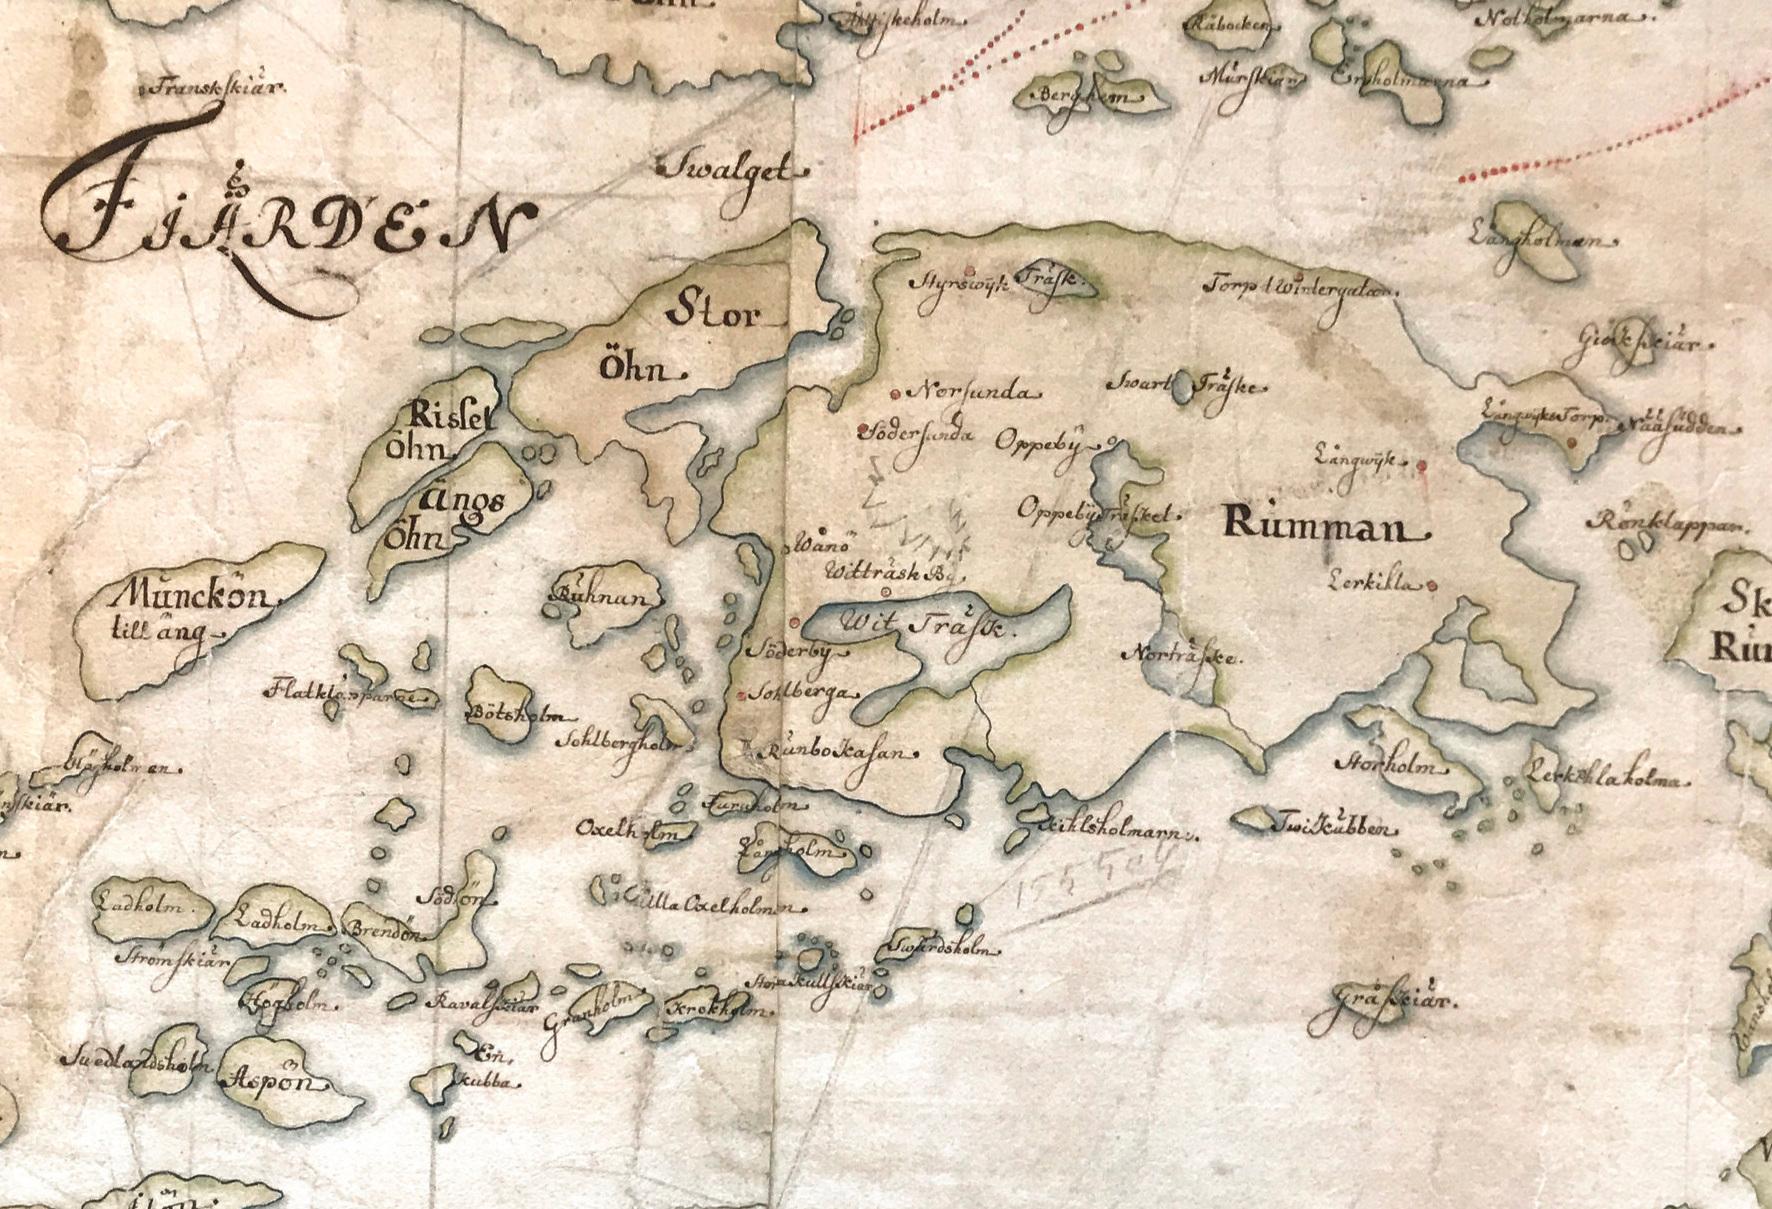 Runmarö och närliggande öar på Carl Gripenhielms skärgårdskarta från 1690-talet. Väderstrecken är förvridna.